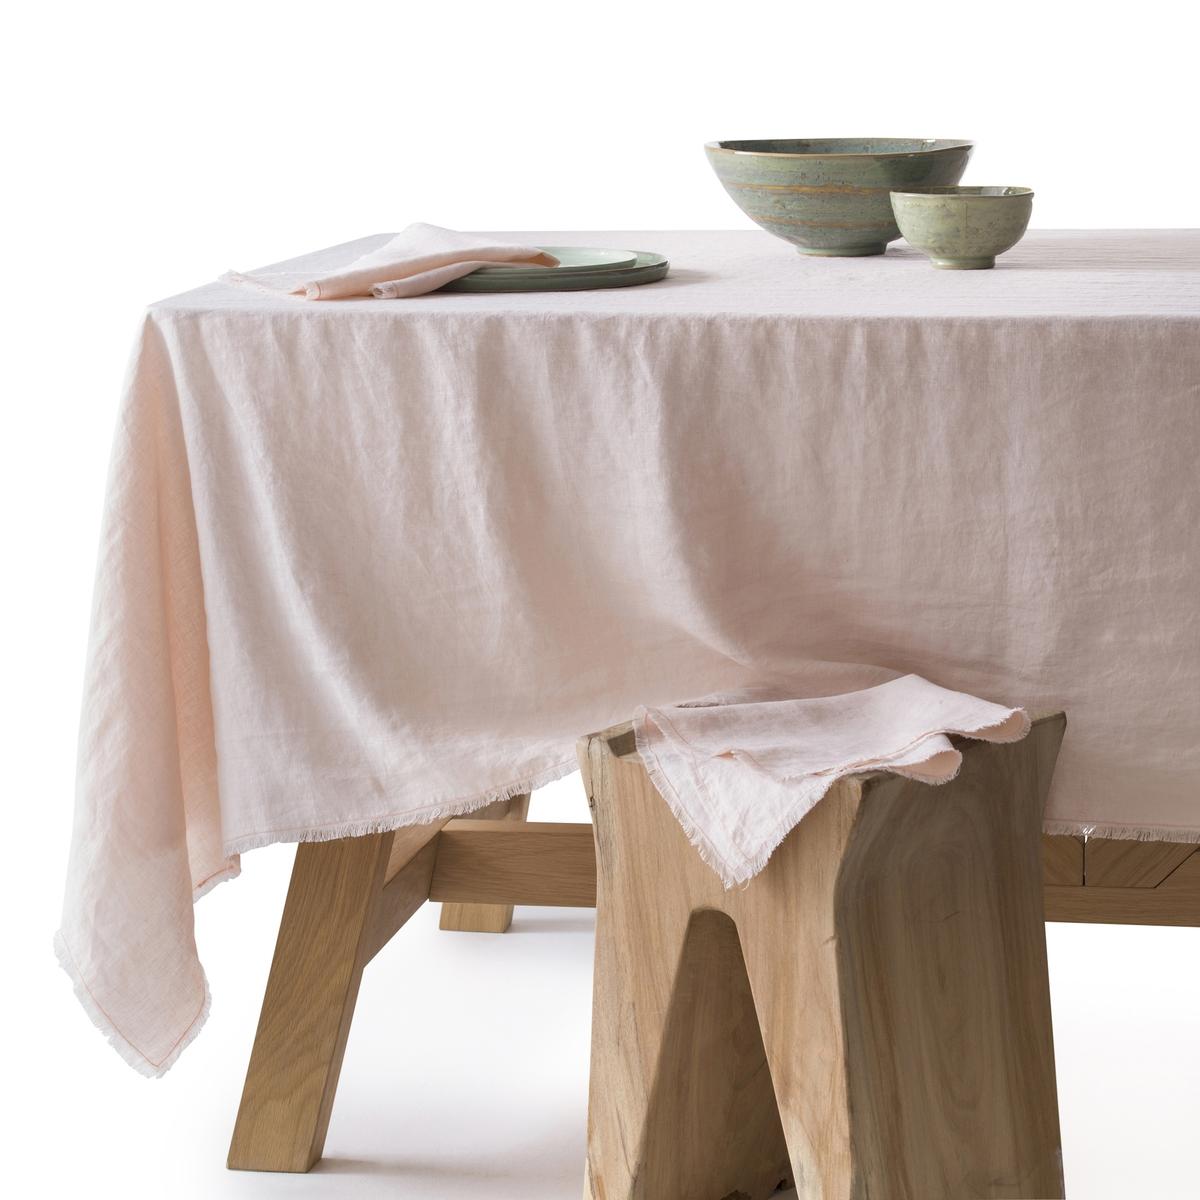 Скатерть из стиранного льна, YastigiСкатерть Yastigi. Скатерть, сочетающая натуральную мягкость стиранного льна и изысканность отделки бахромой Столовые салфетки Yastigi из комплекта продаются на нашем сайте . Материал : - 100% стираный лен<br><br>Цвет: белый,серо-бежевый<br>Размер: 150 x 250 см